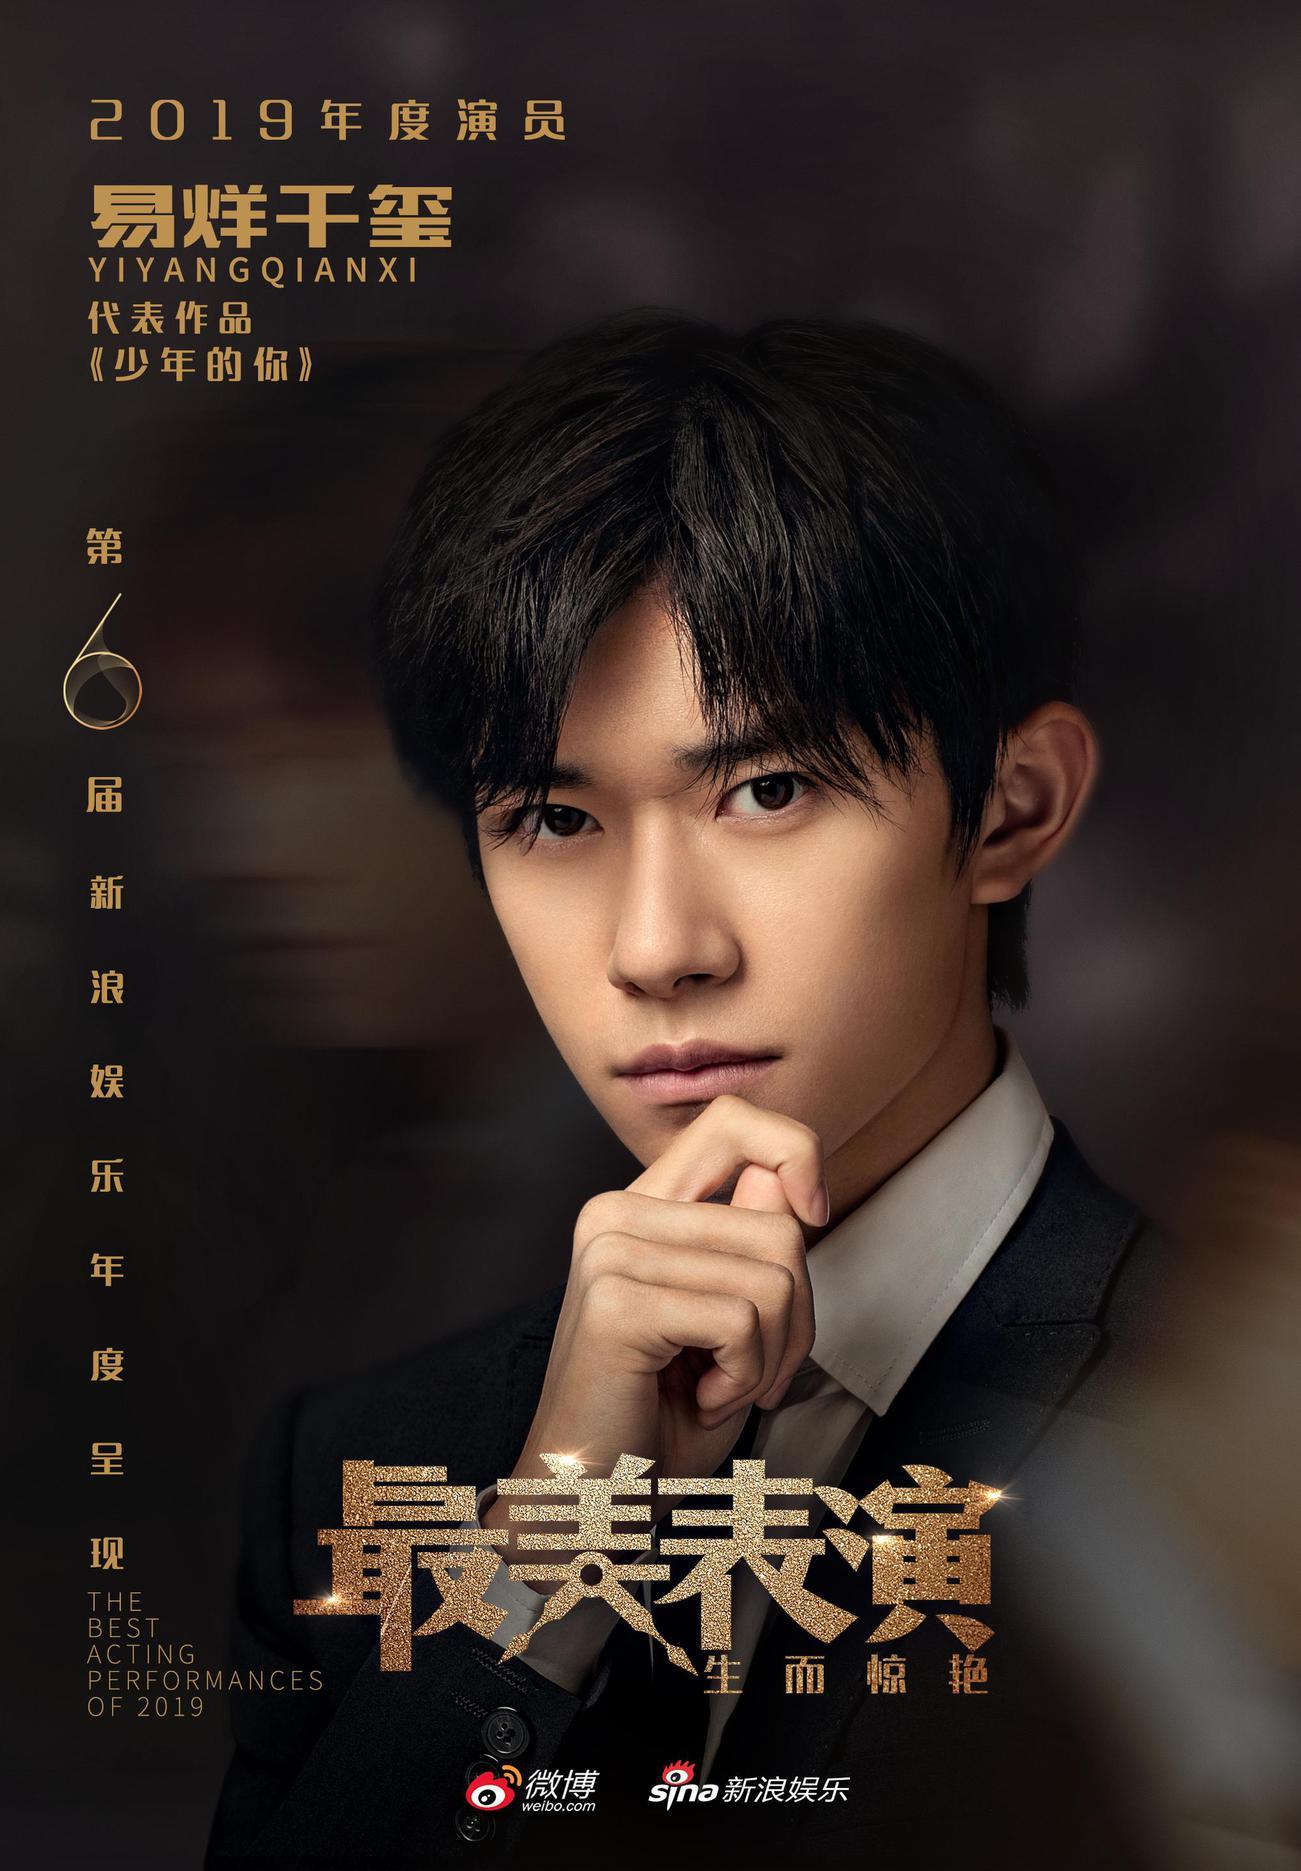 2019最美表演-易烊千玺